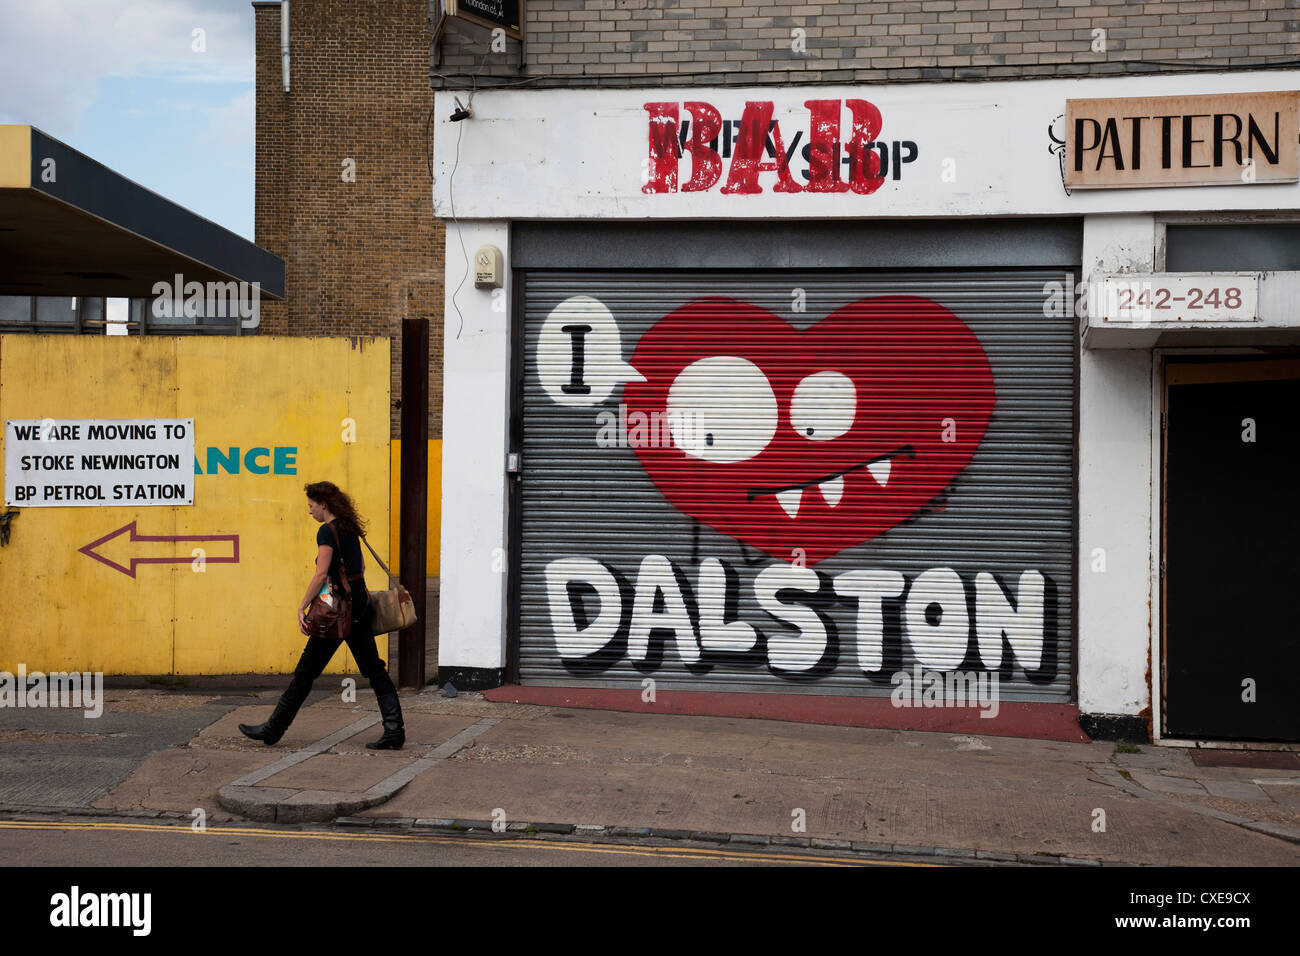 Io amo Dalston street art graffiti serrande in questo elegante East End area di Londra, Regno Unito. Immagini Stock